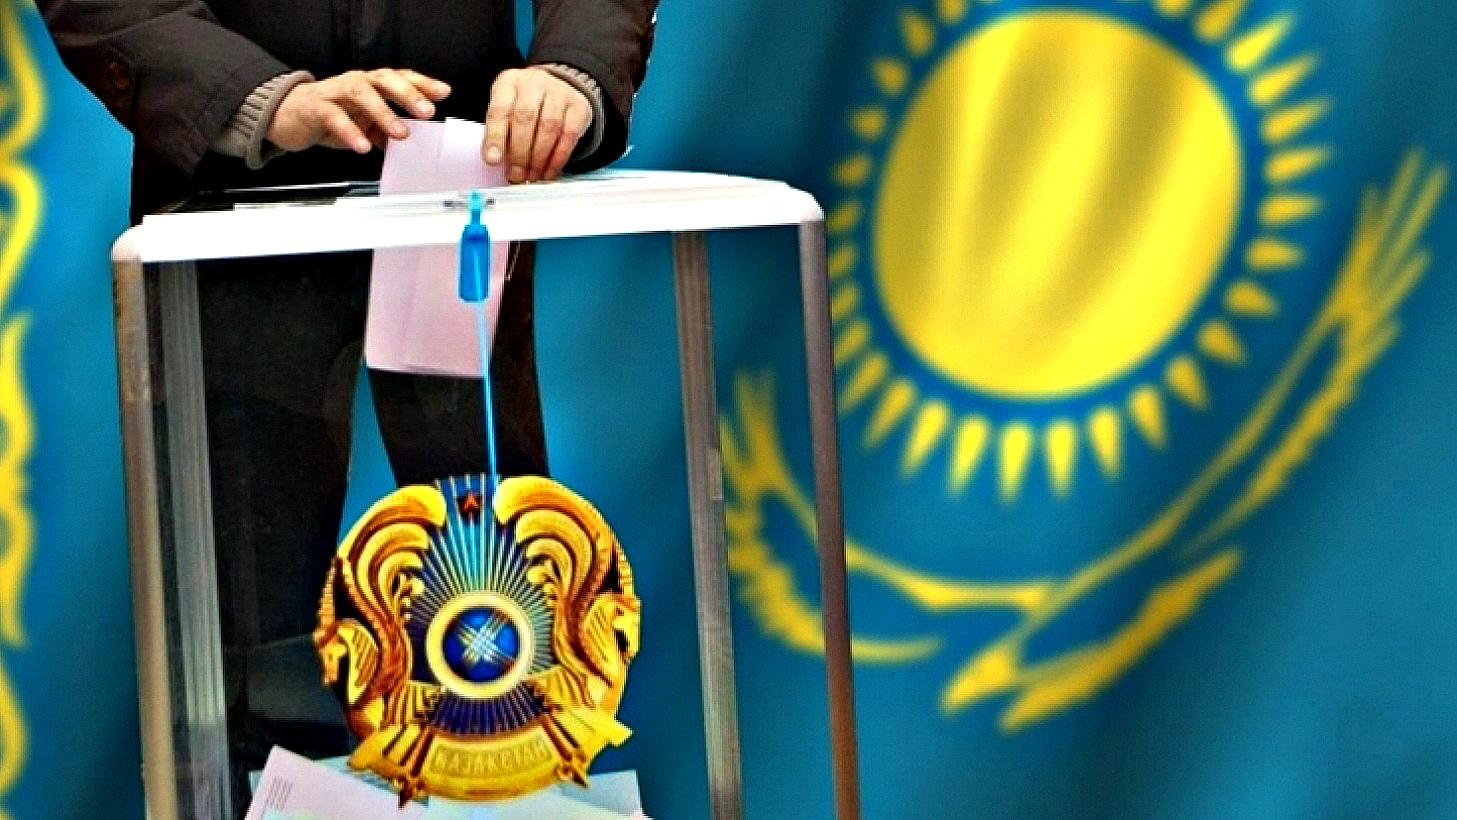 Даурен Абаев: Дебаты кандидатов в президенты пройдут в прямом эфире